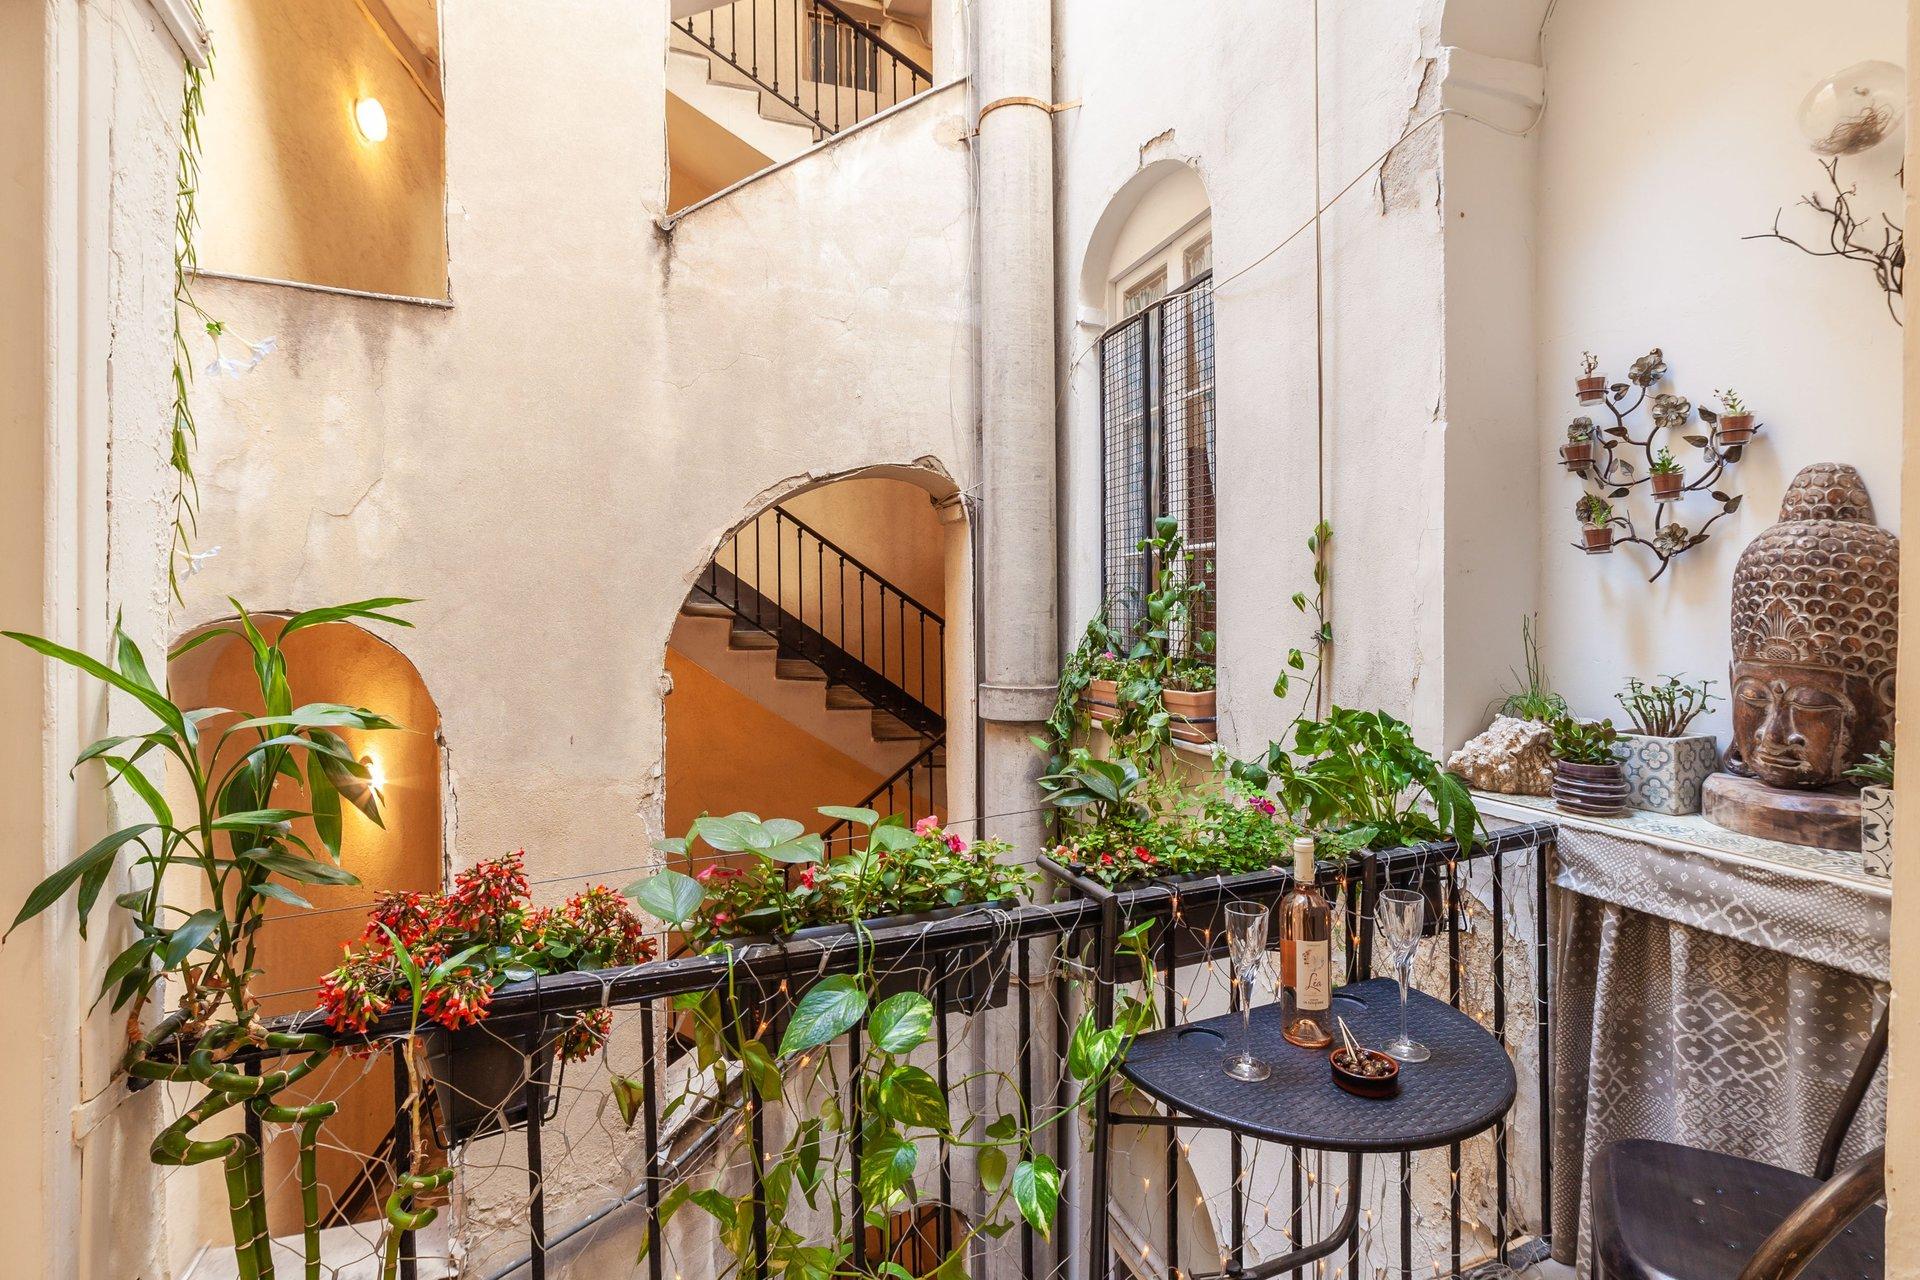 Vente Appartement 74 m² T3 06300_11